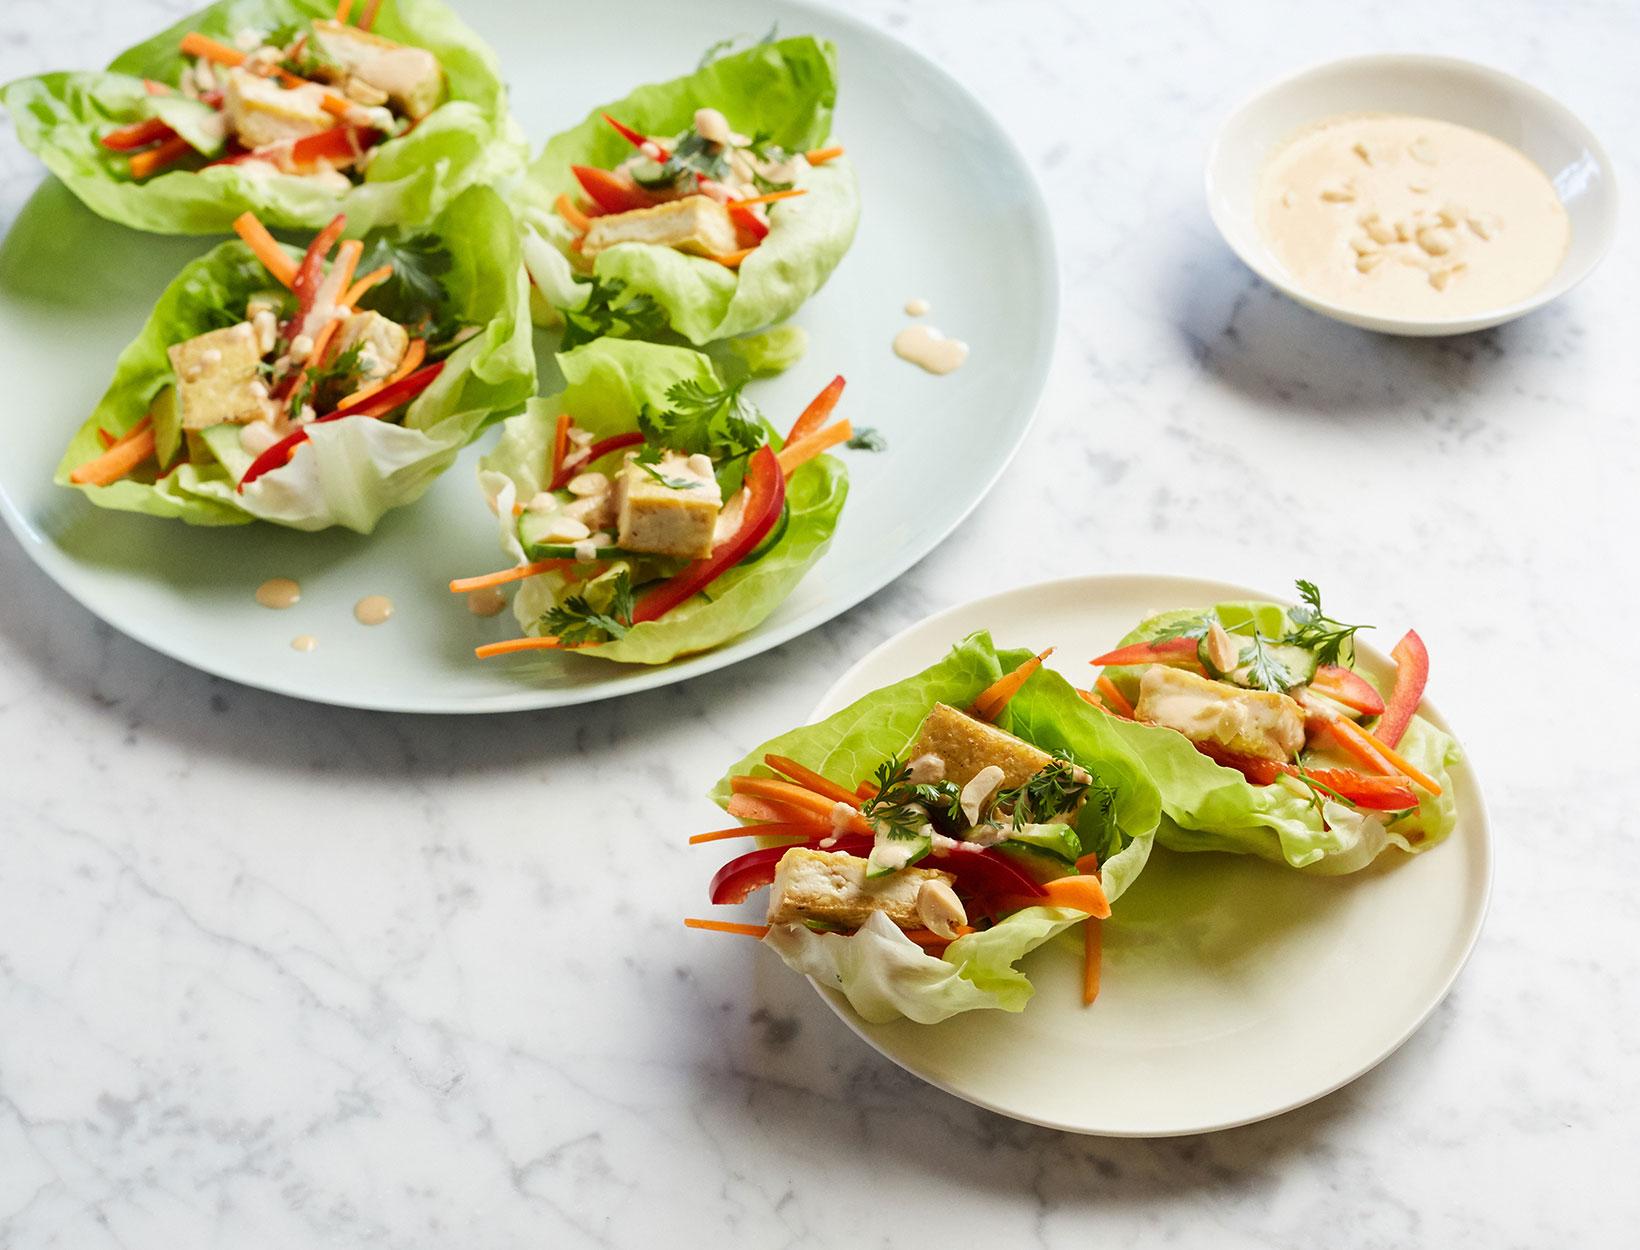 Pressed Tofu Lettuce Wraps